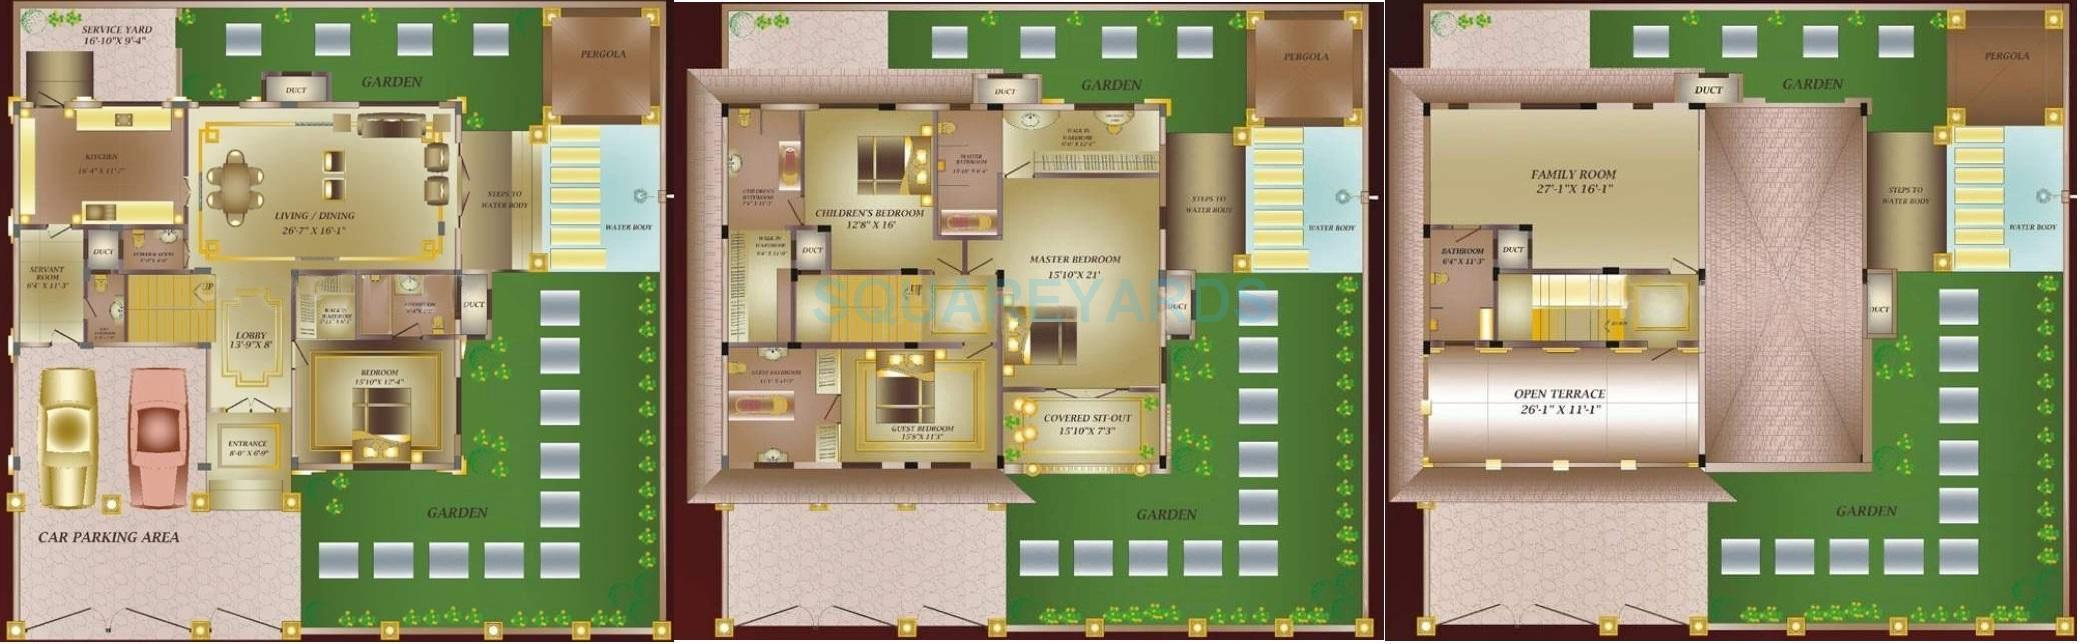 konark villa espaniol villa 4bhk 4800sqft1